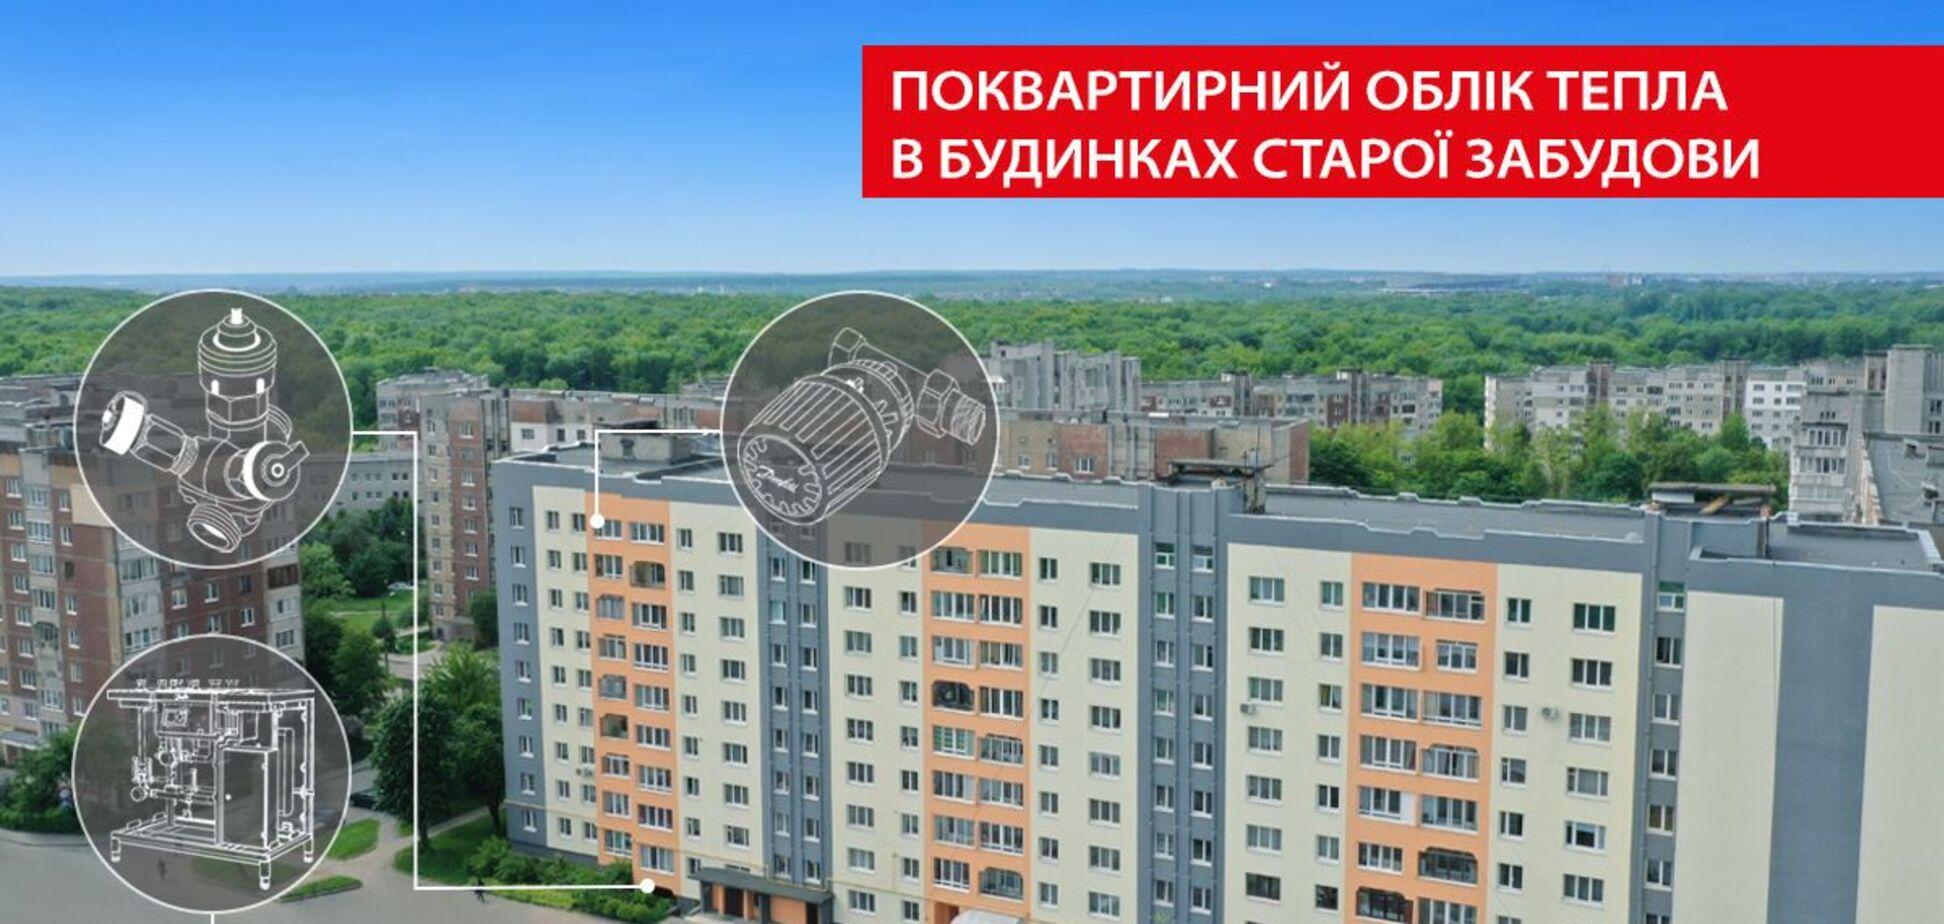 В Украине заработал поквартирный учет тепла в домах старой застройки